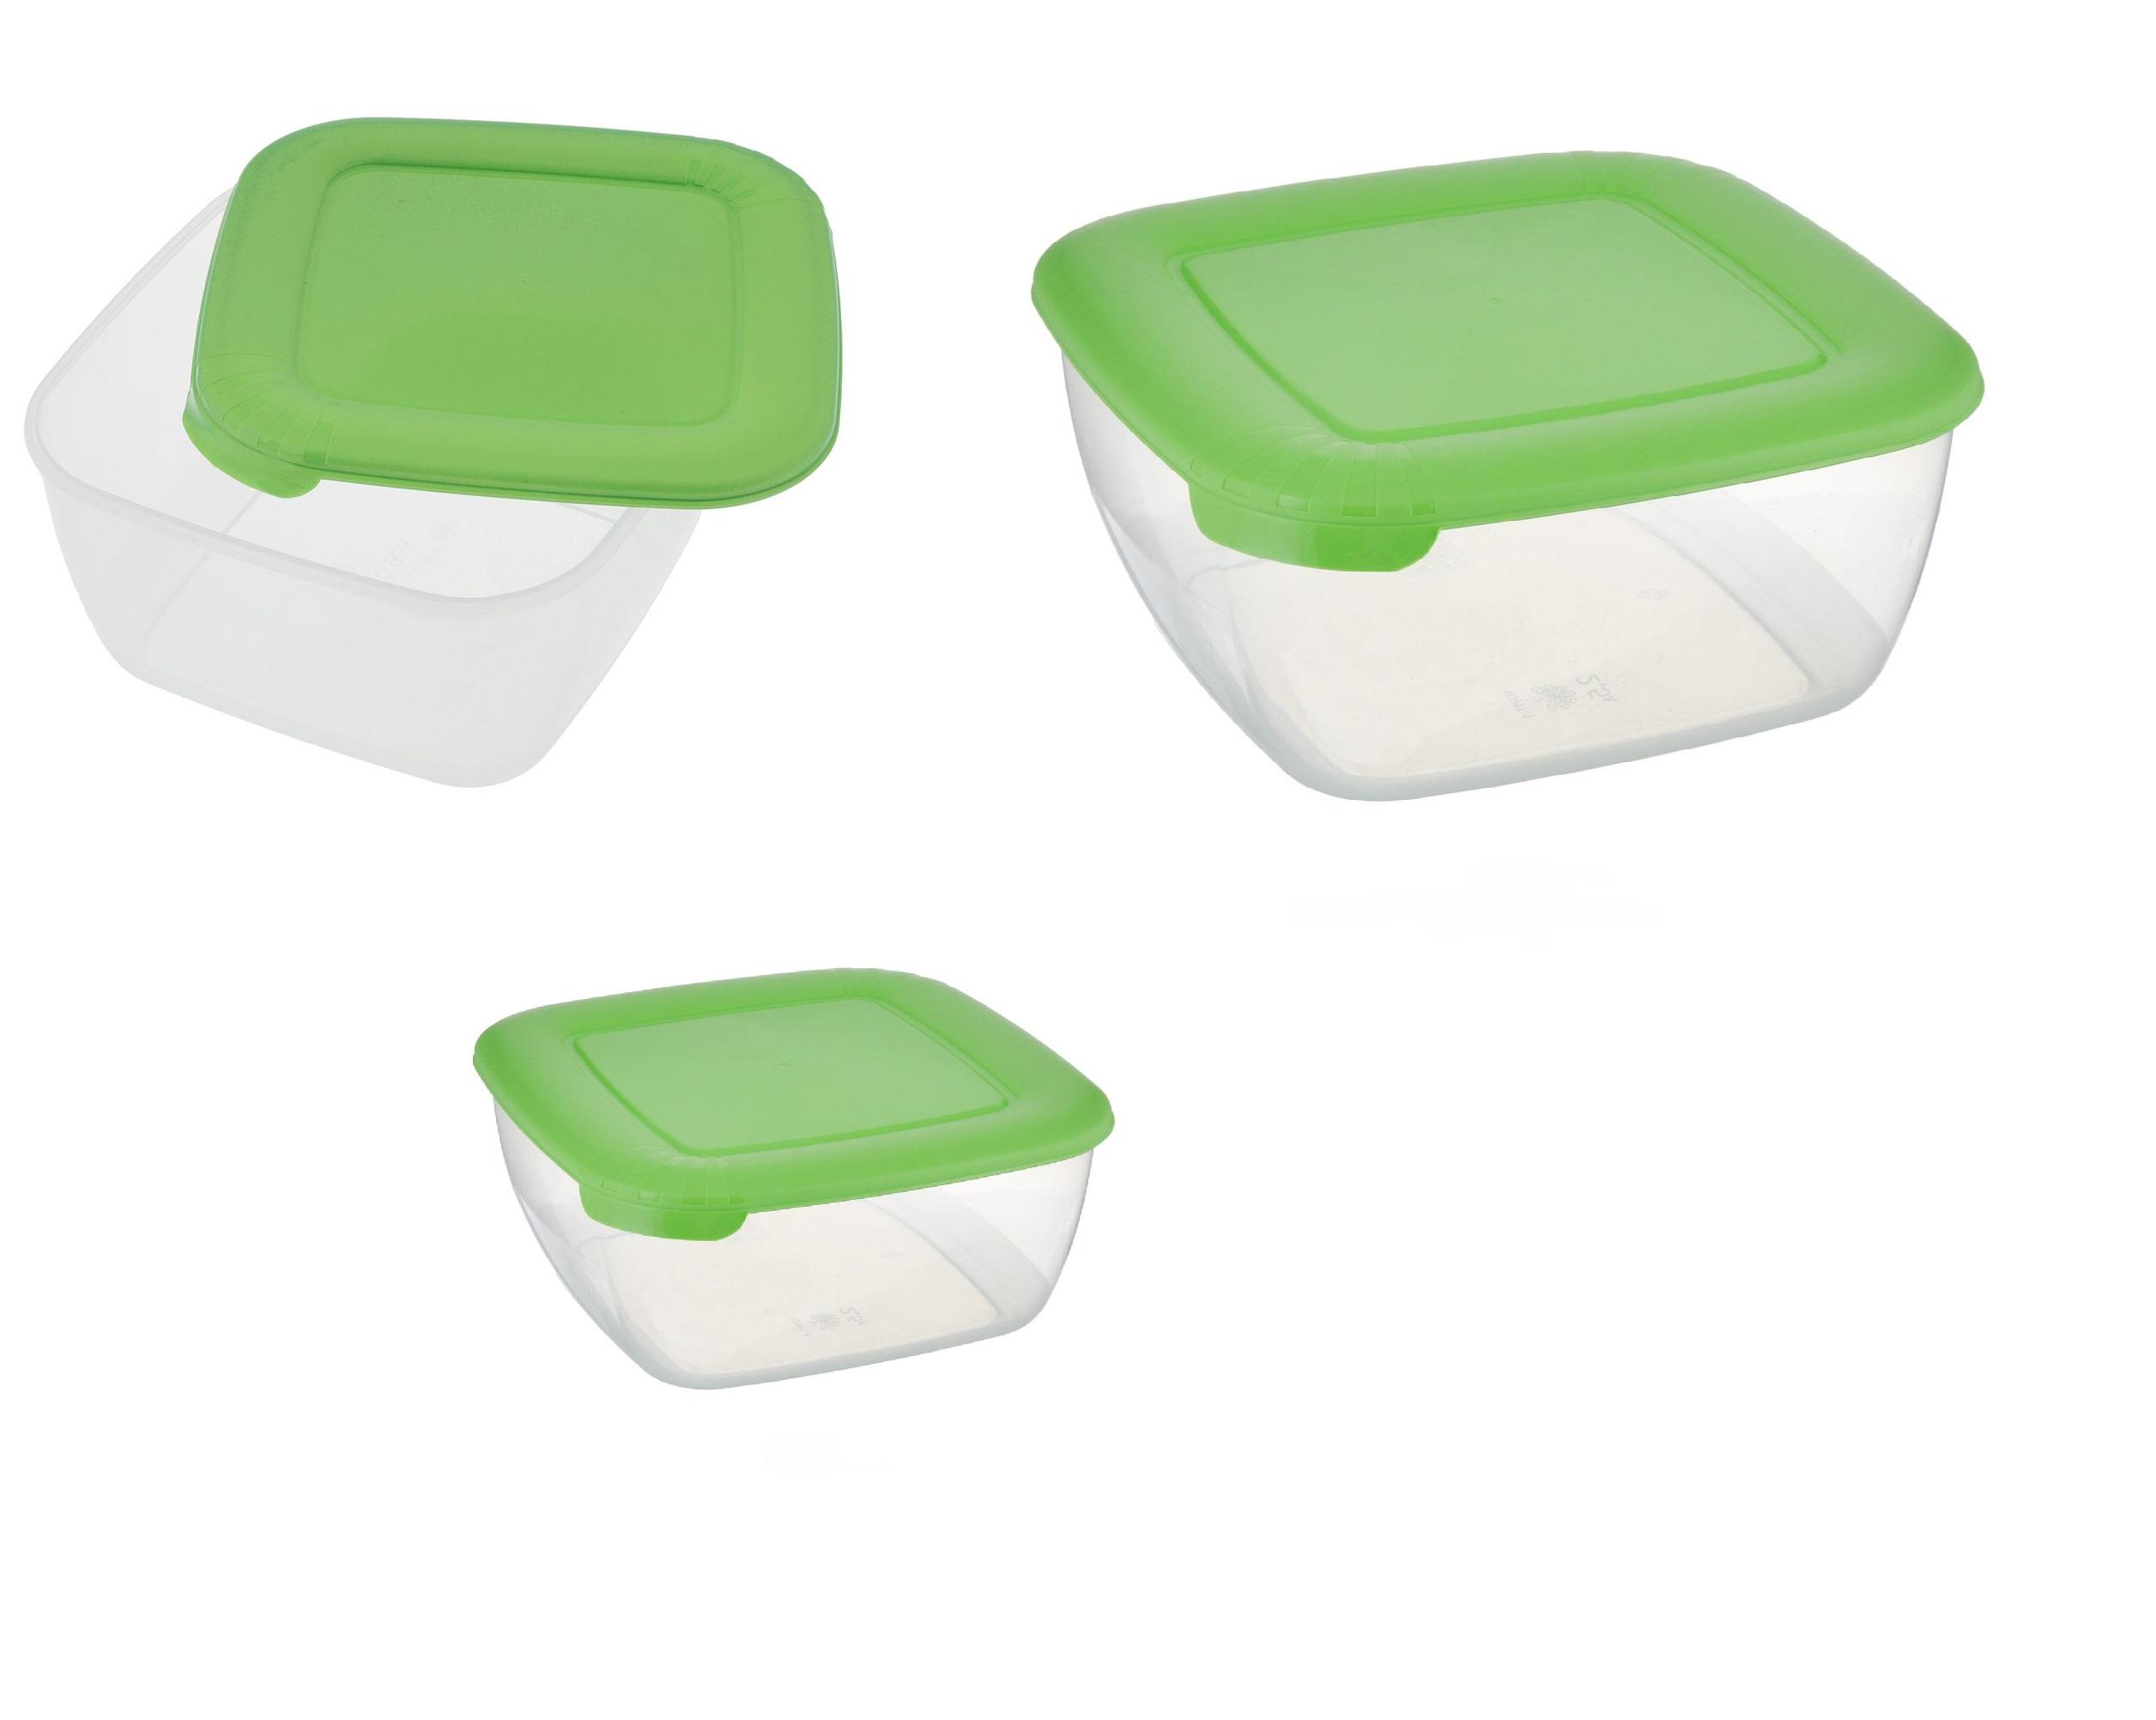 """Контейнер пищевой Полимербыт комплект (3шт)""""ЛАЙТ""""КВАДР.(0,46л 0,95л 1,5л) СВЧ зеленый, прозрачный, зеленый"""